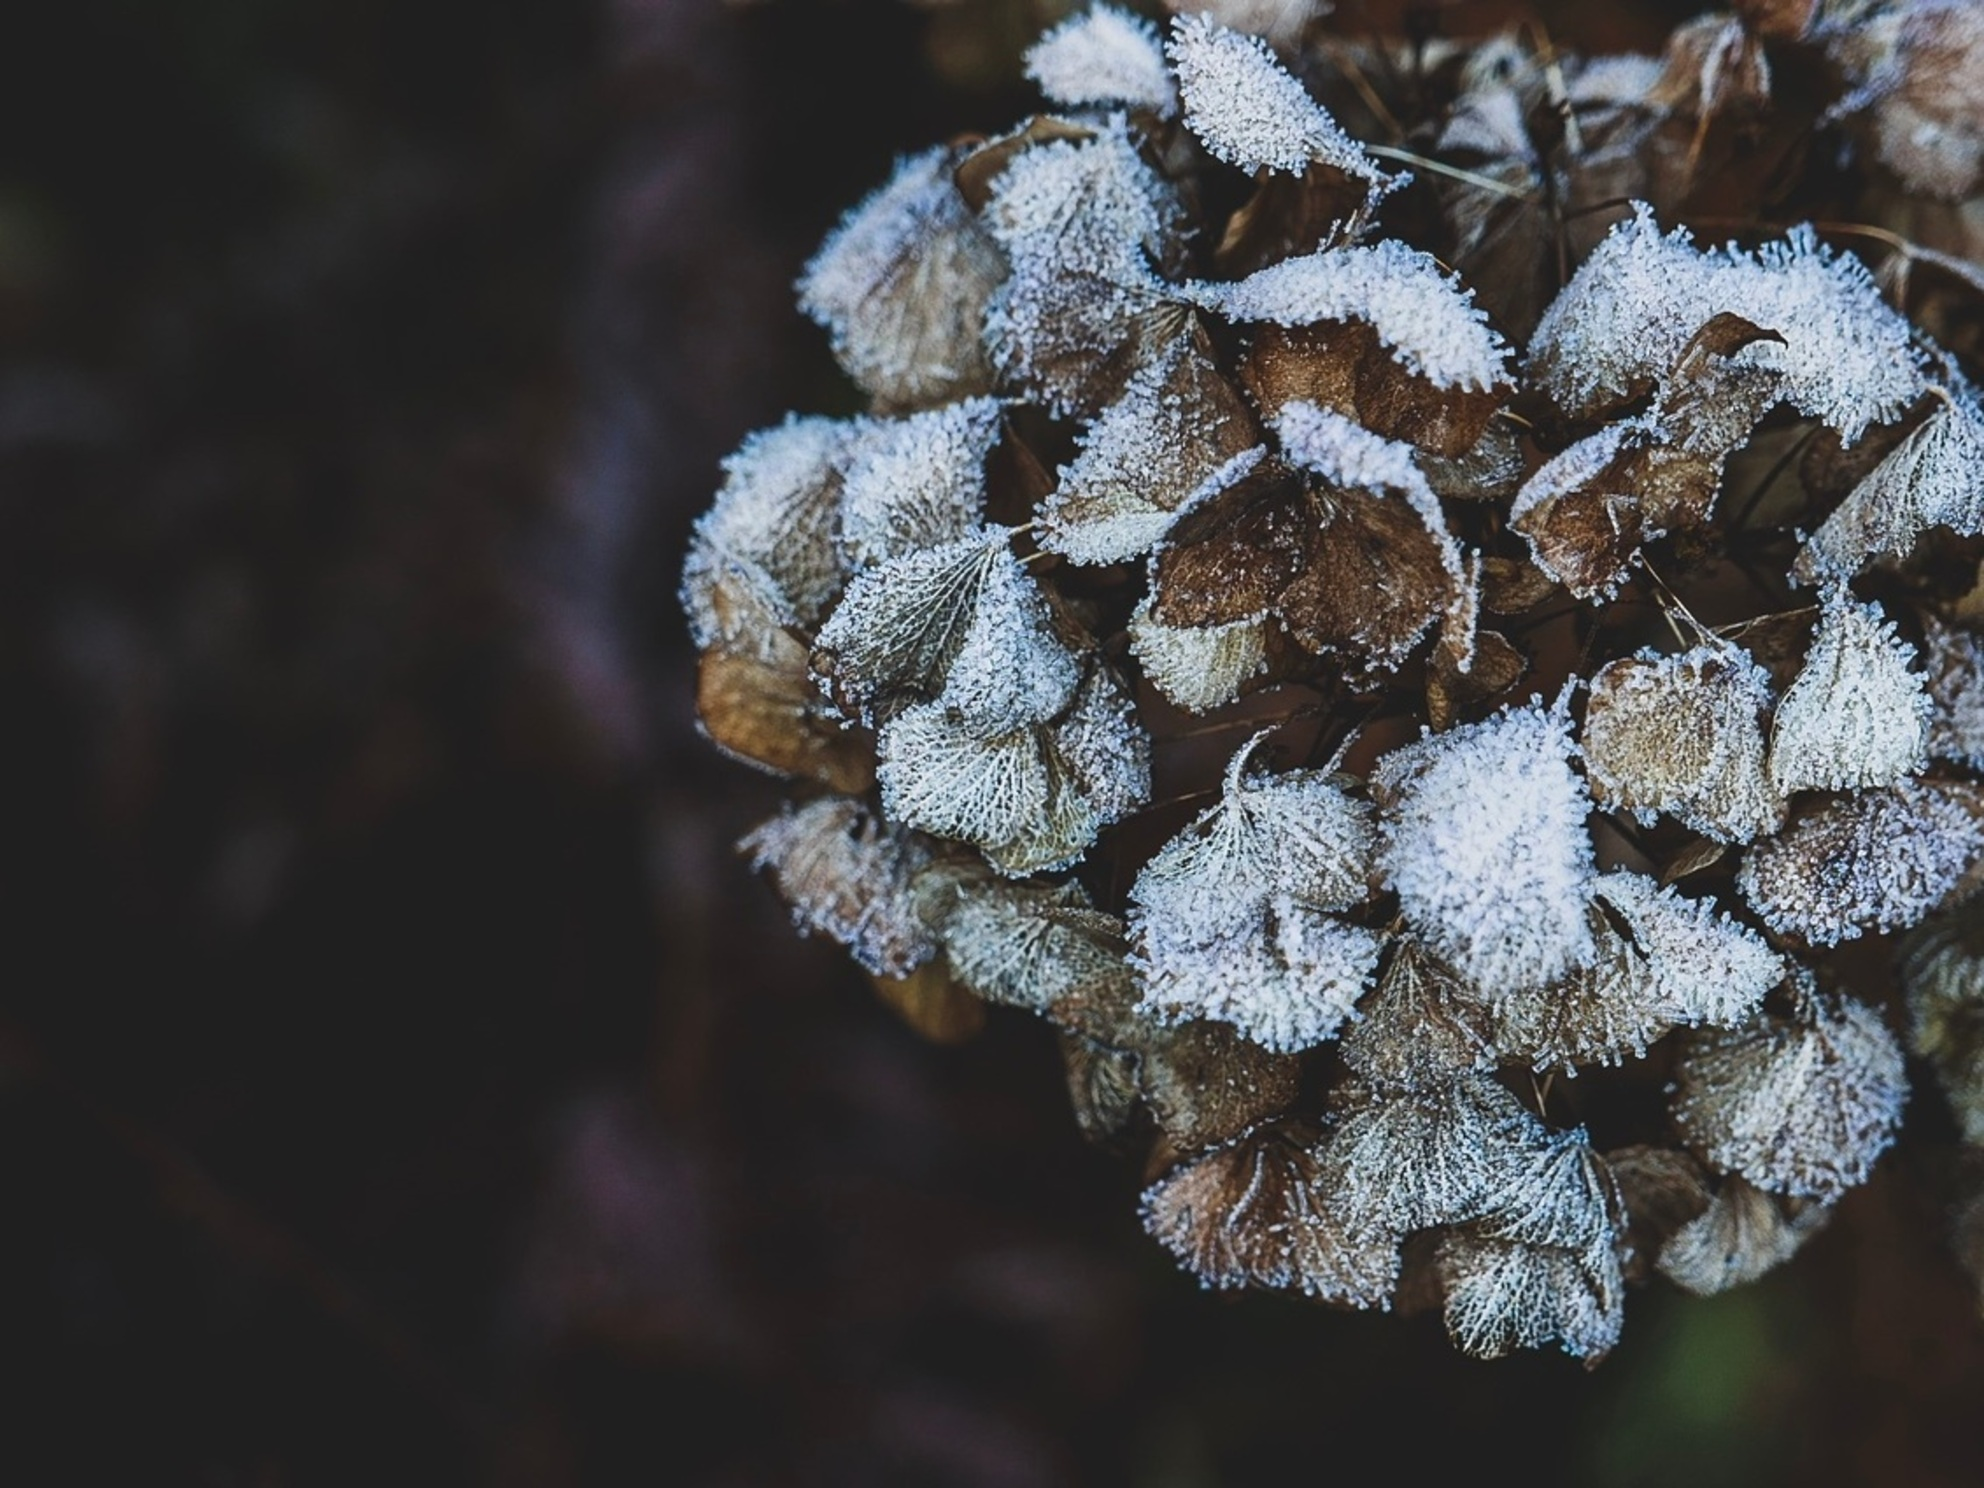 Hortensia - De hortensia is het hele jaar mooi. - foto door convust op 30-11-2016 - deze foto bevat: bloem, natuur, herfst, tuin, rijp, hortensia, vorst - Deze foto mag gebruikt worden in een Zoom.nl publicatie